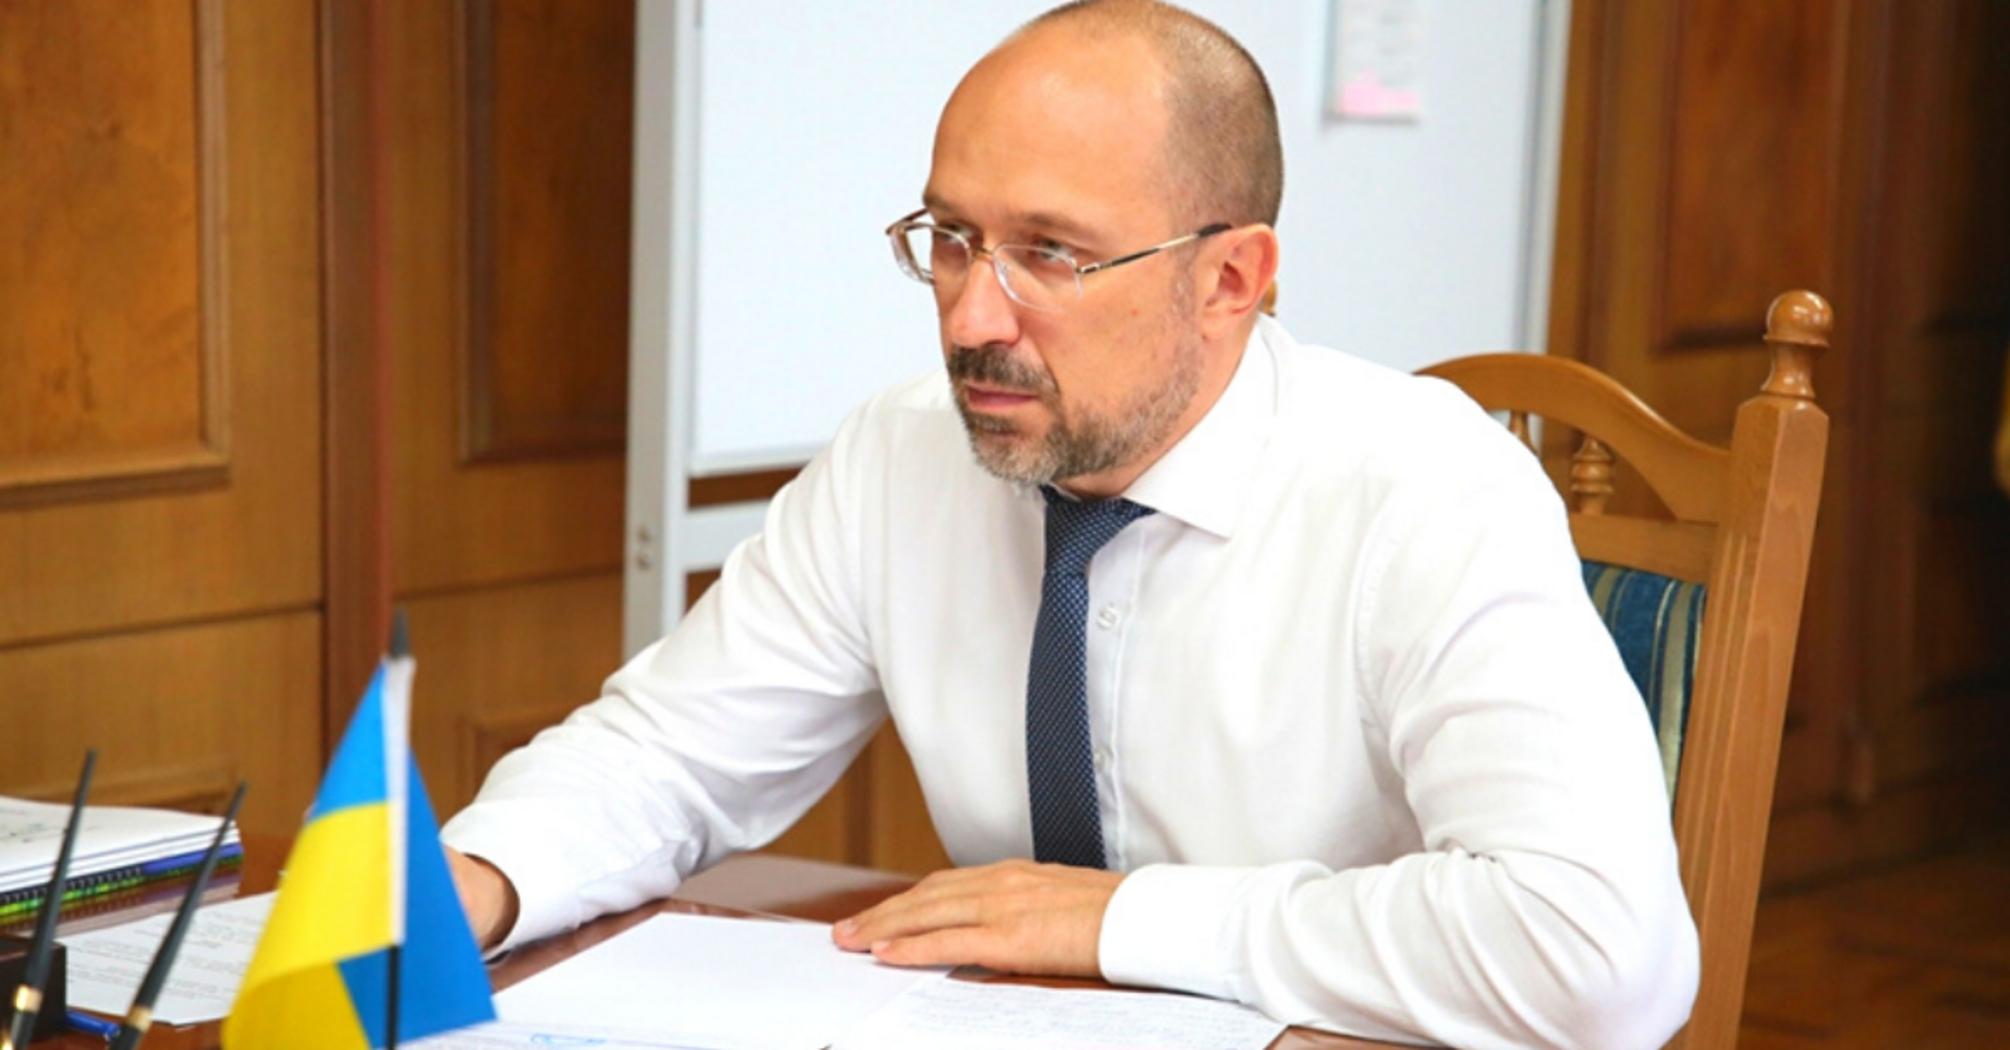 Премьер Украины намерен за год выйти на создание фондового рынка